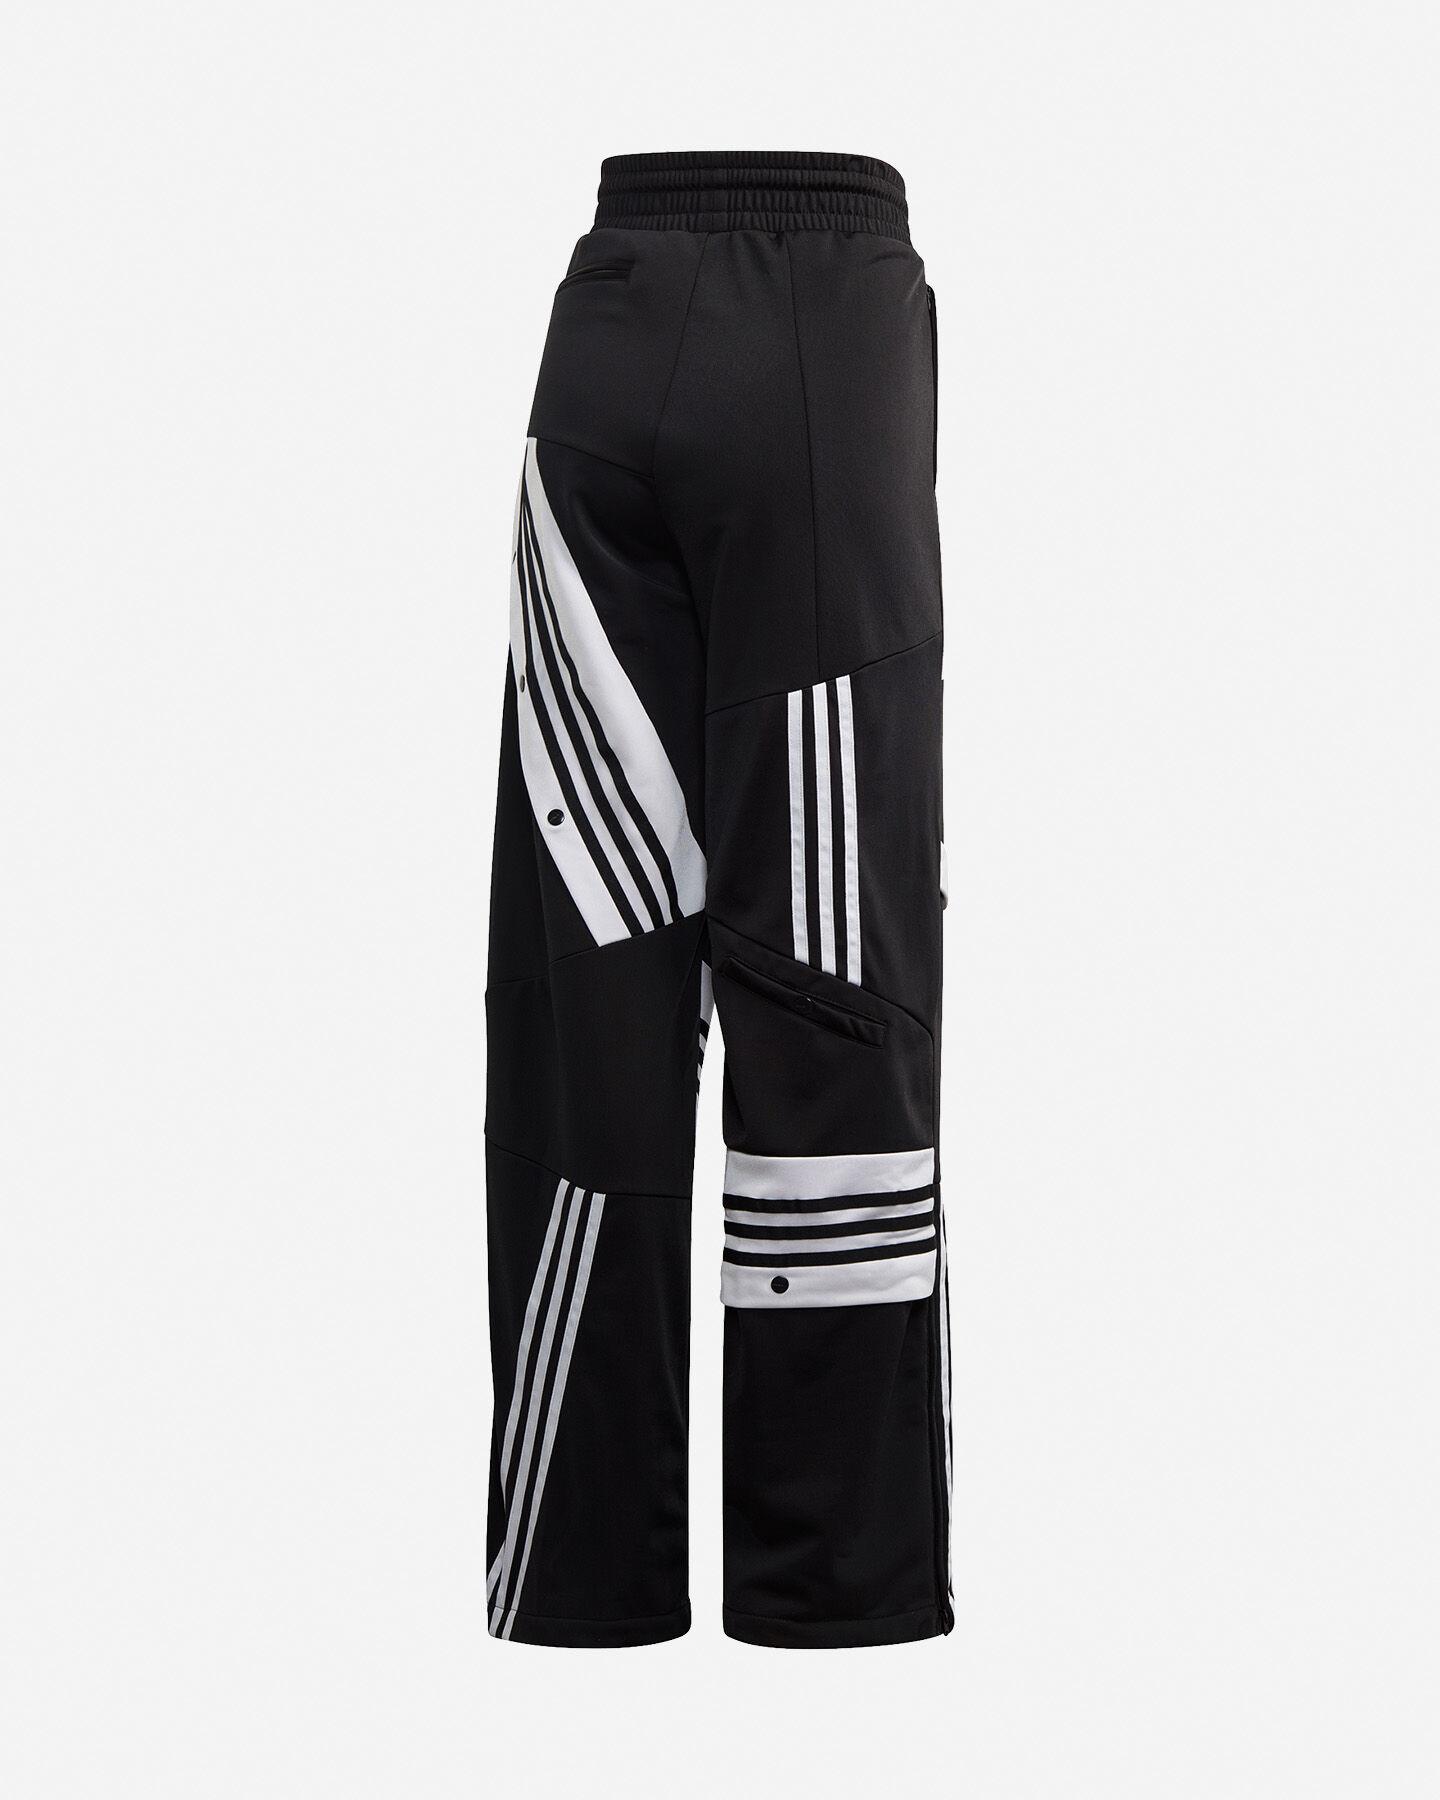 Pantalone ADIDAS ORIGINALS DANIELLE CATHARI TRACK W S5210233 scatto 1